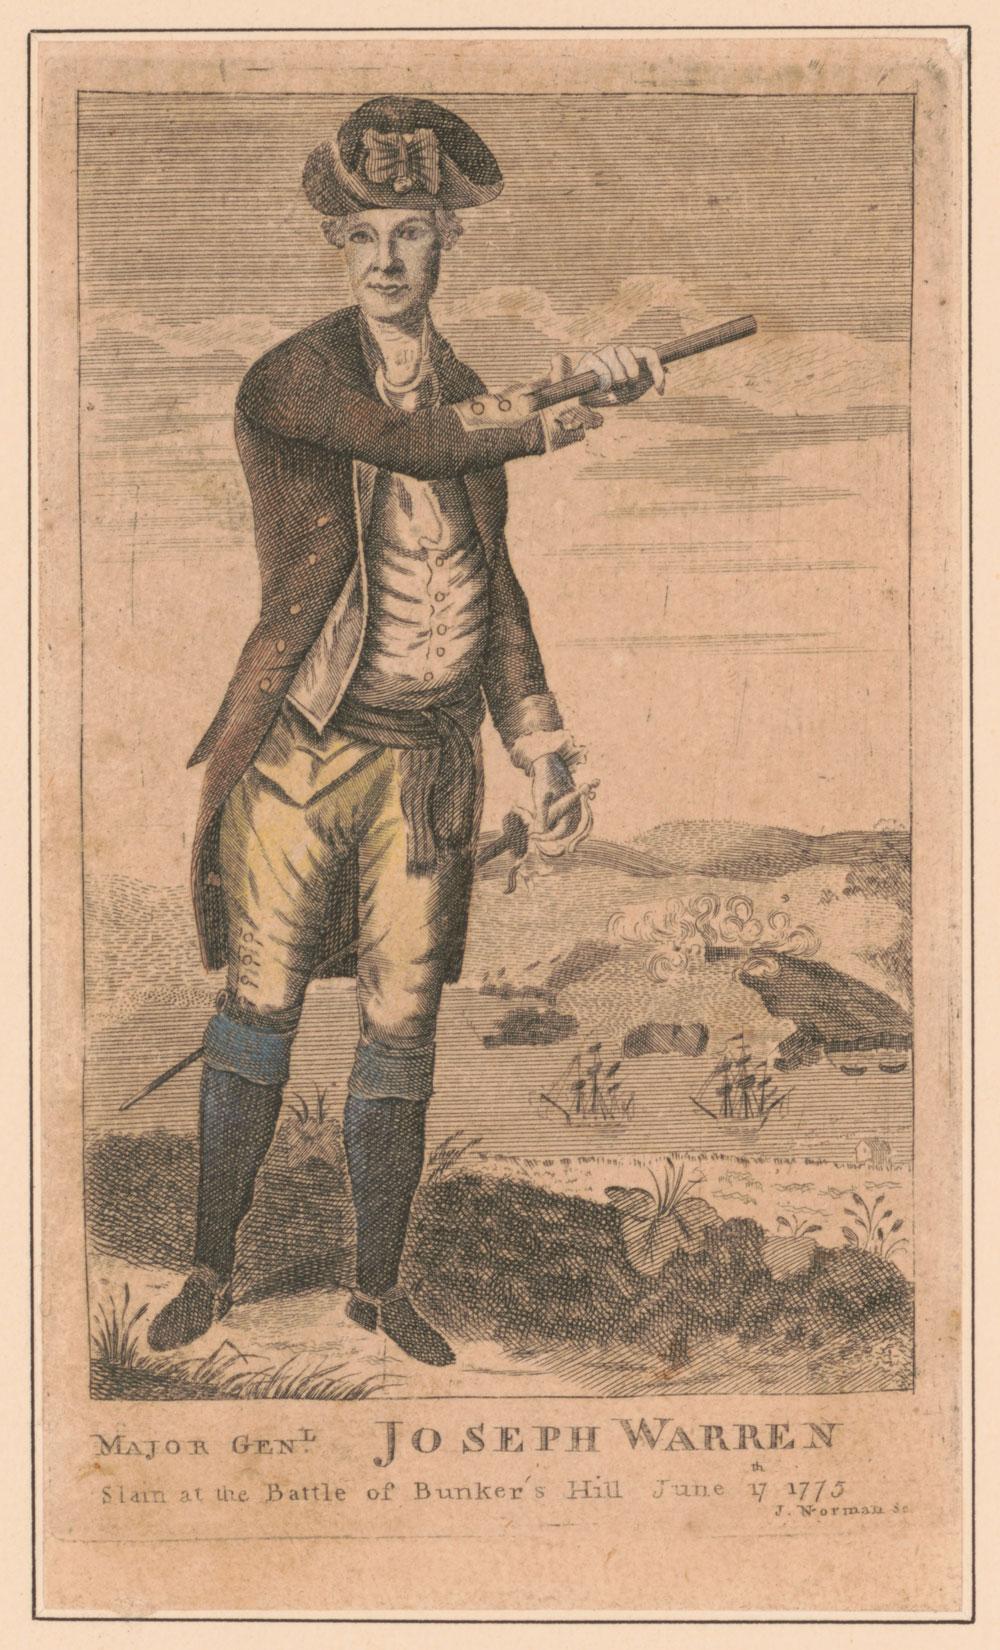 Major-General Joseph Warren - Slain at the Battle of Bunker Hill June, 17th 1775.